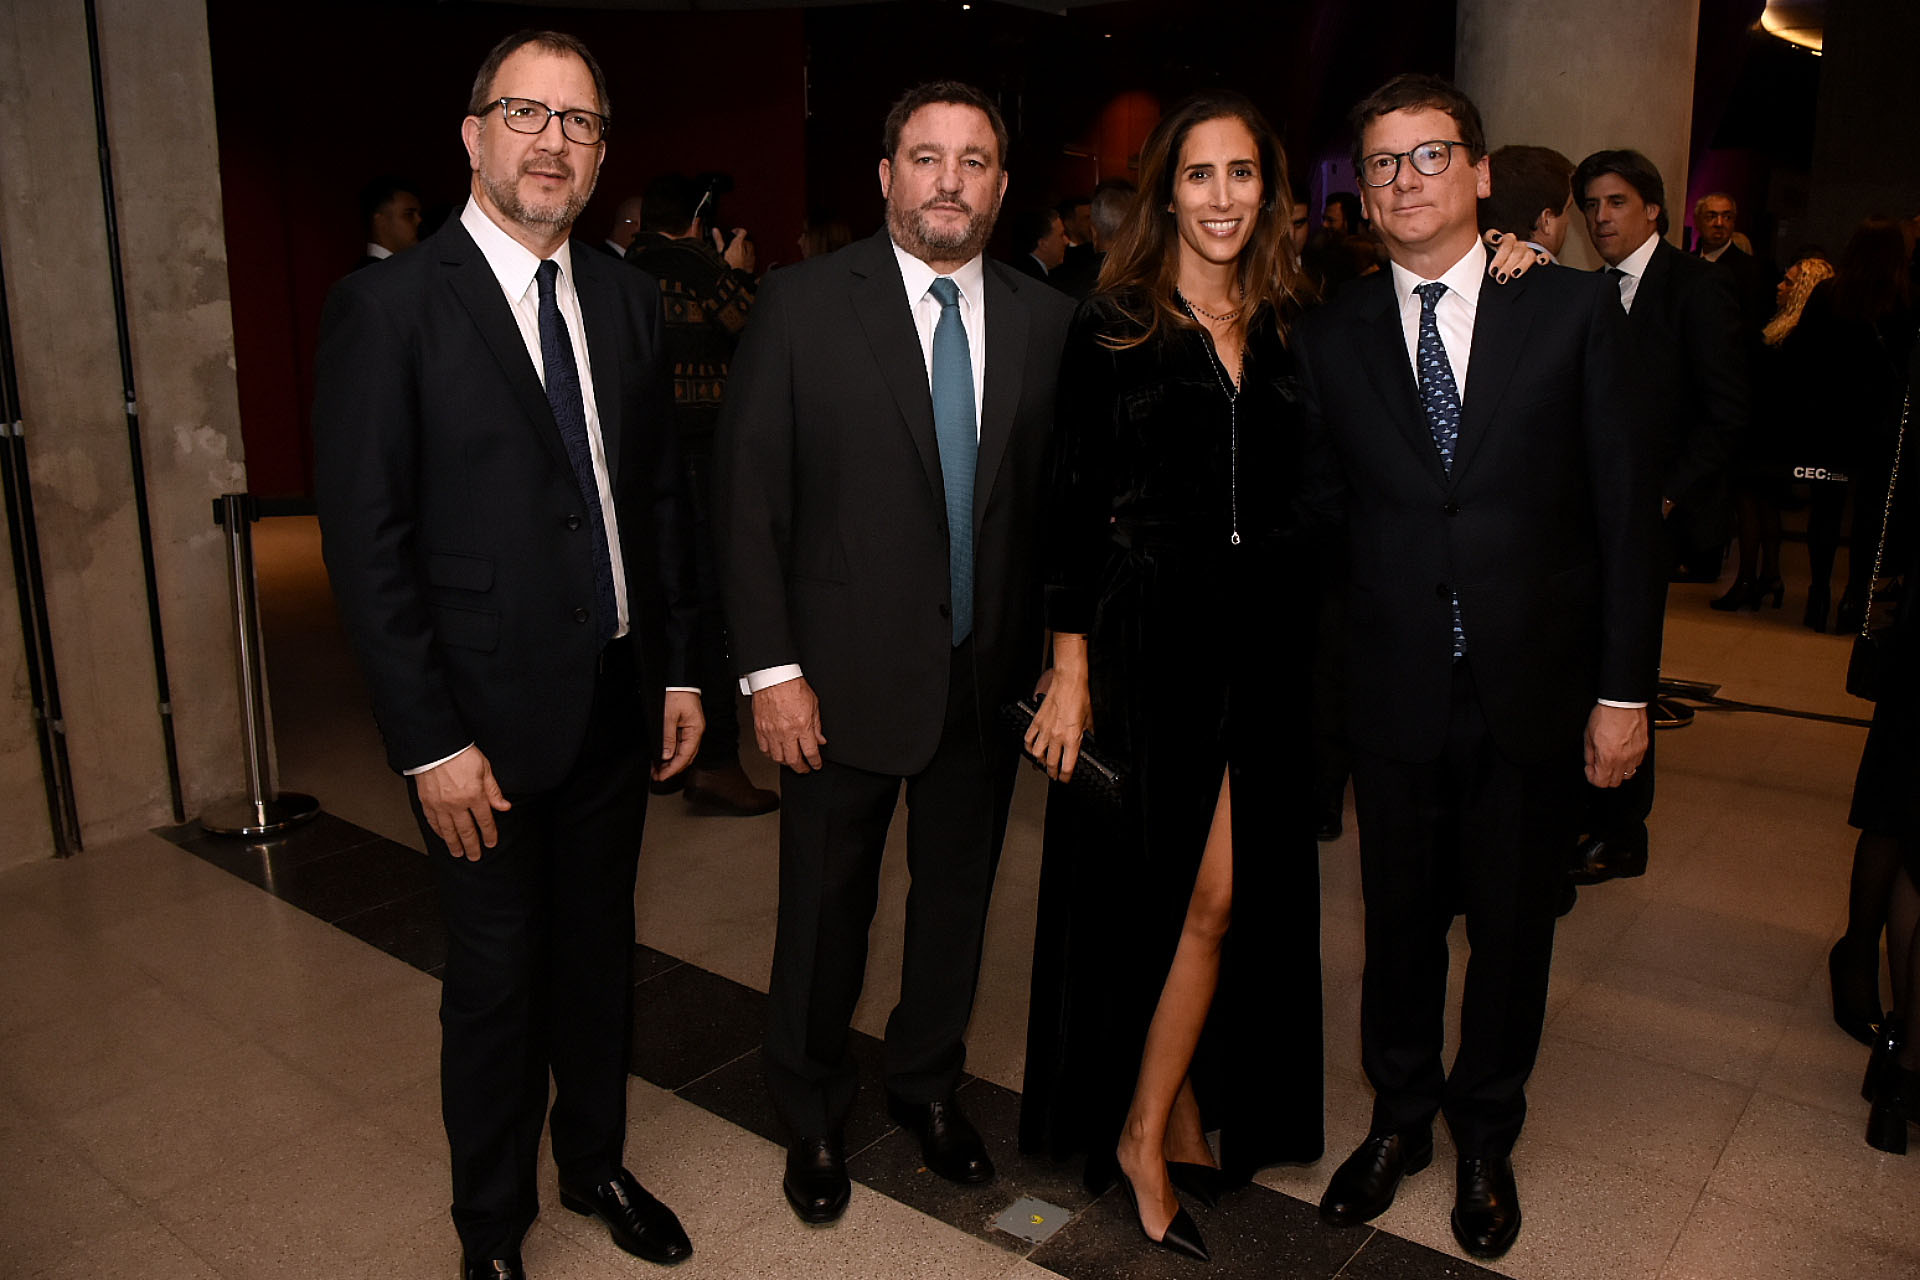 Fabián Perechodnik junto a Alejandro Macfarlane y el presidente de HSCBC Argentina, Gabriel Martino, junto a su mujer Florencia Perotti